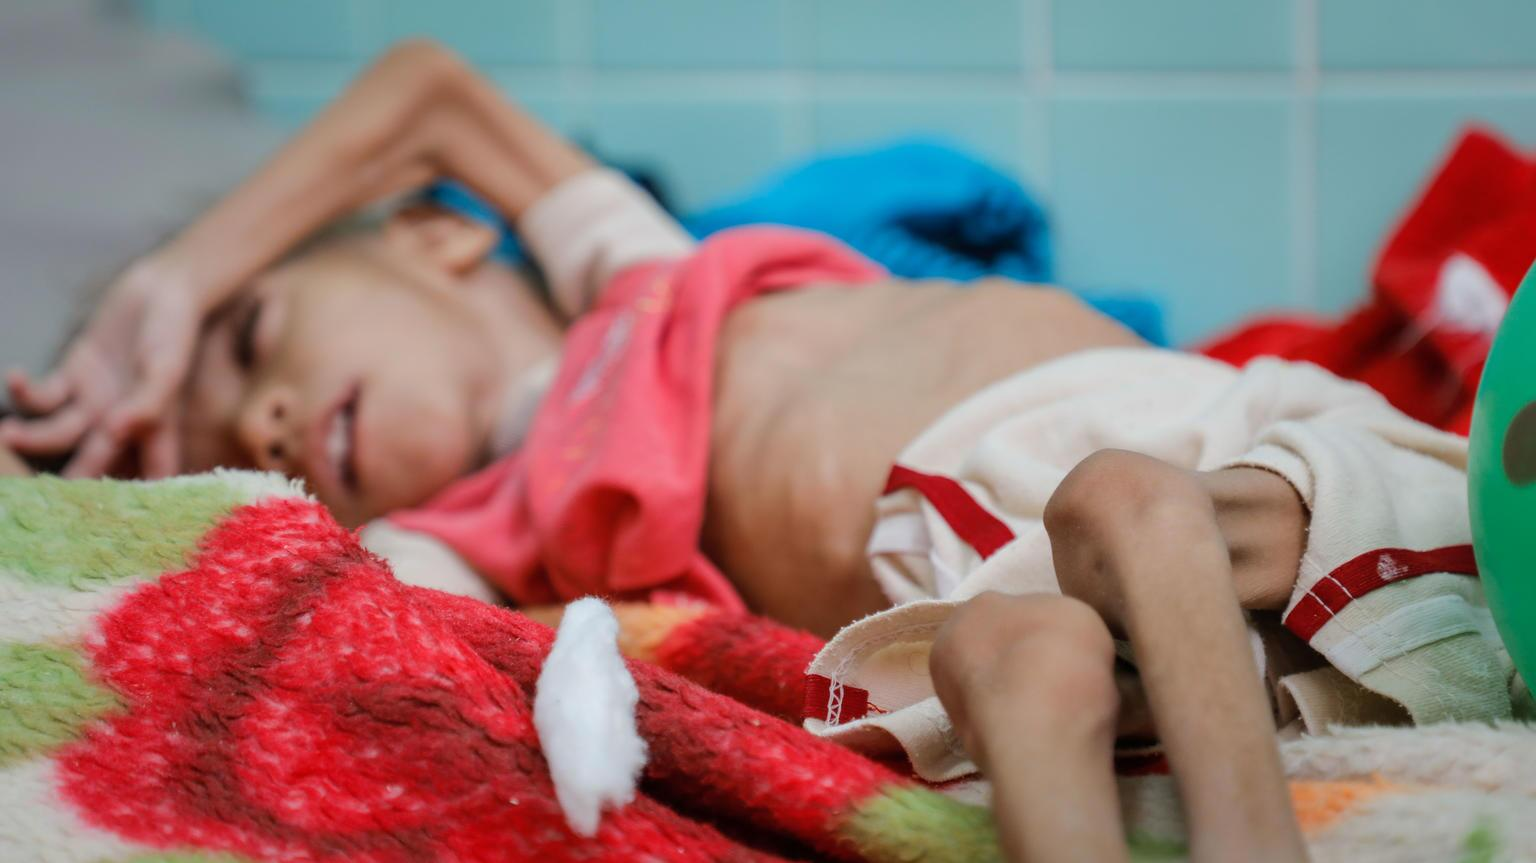 Bild zu Jemen, Hunger, Krieg, Ernährung, UN